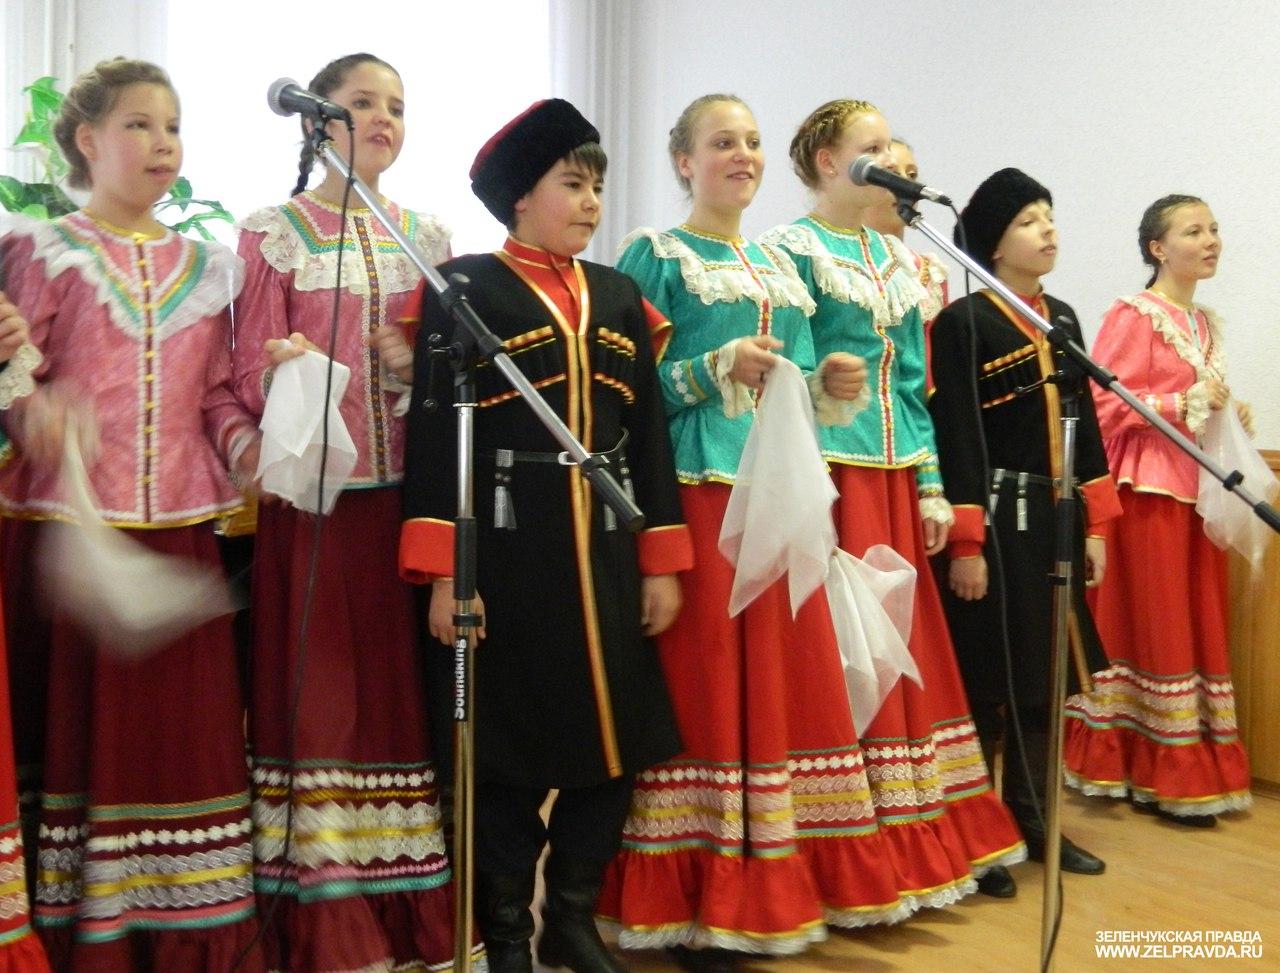 Учащиеся и преподаватели ДШИ станицы Зеленчукской провели концерт и выставку